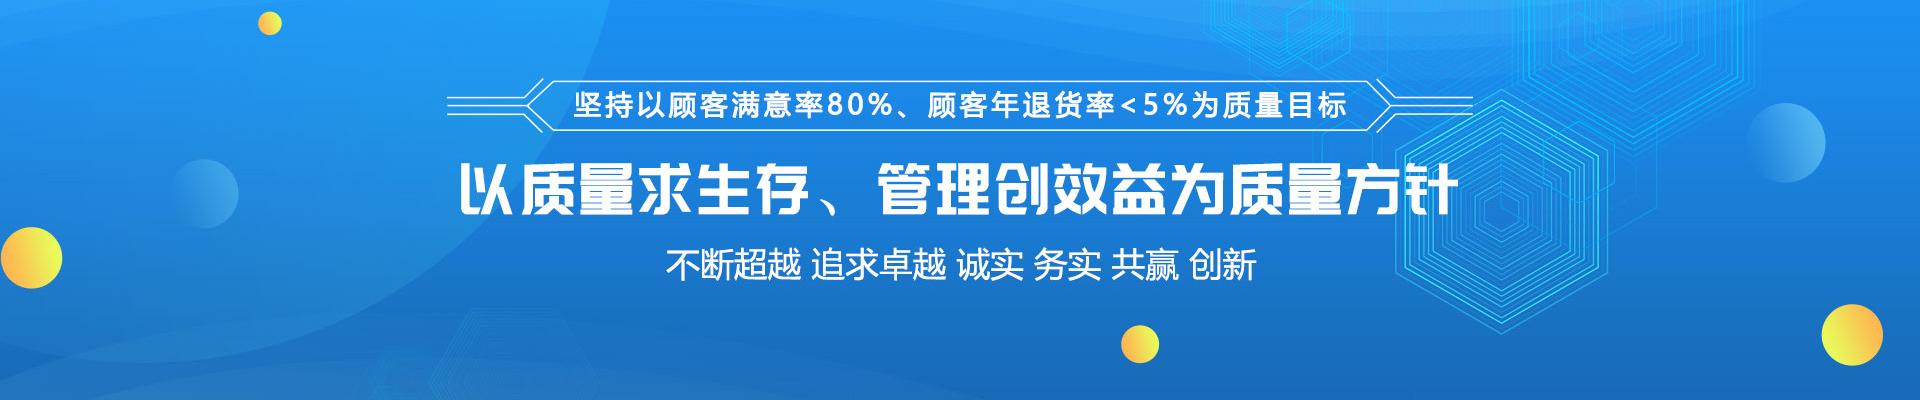 武漢工控藝術制造有限公司